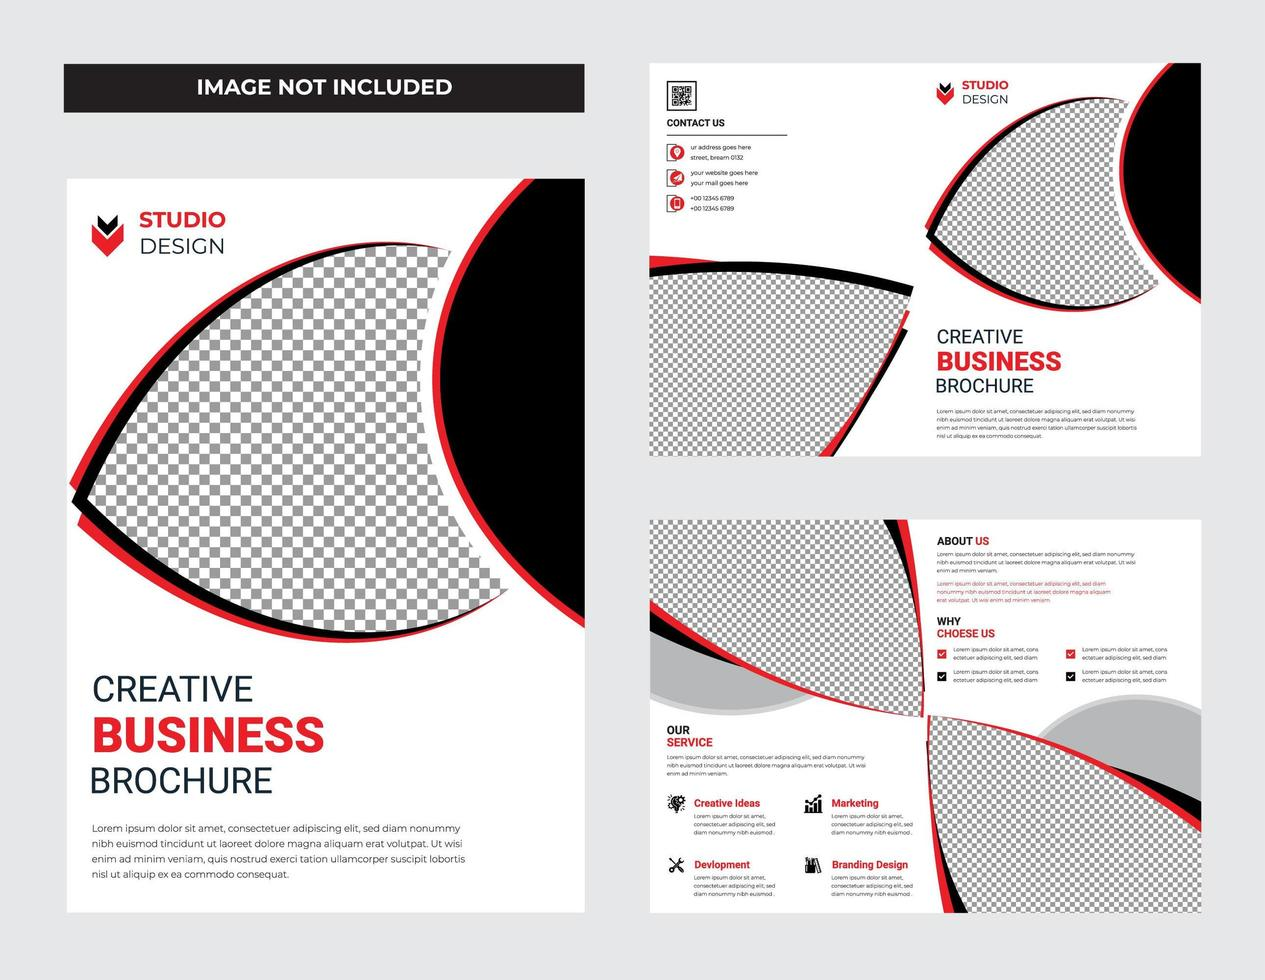 ensemble de conception de modèle de flyer brochure entreprise propre blanc vecteur